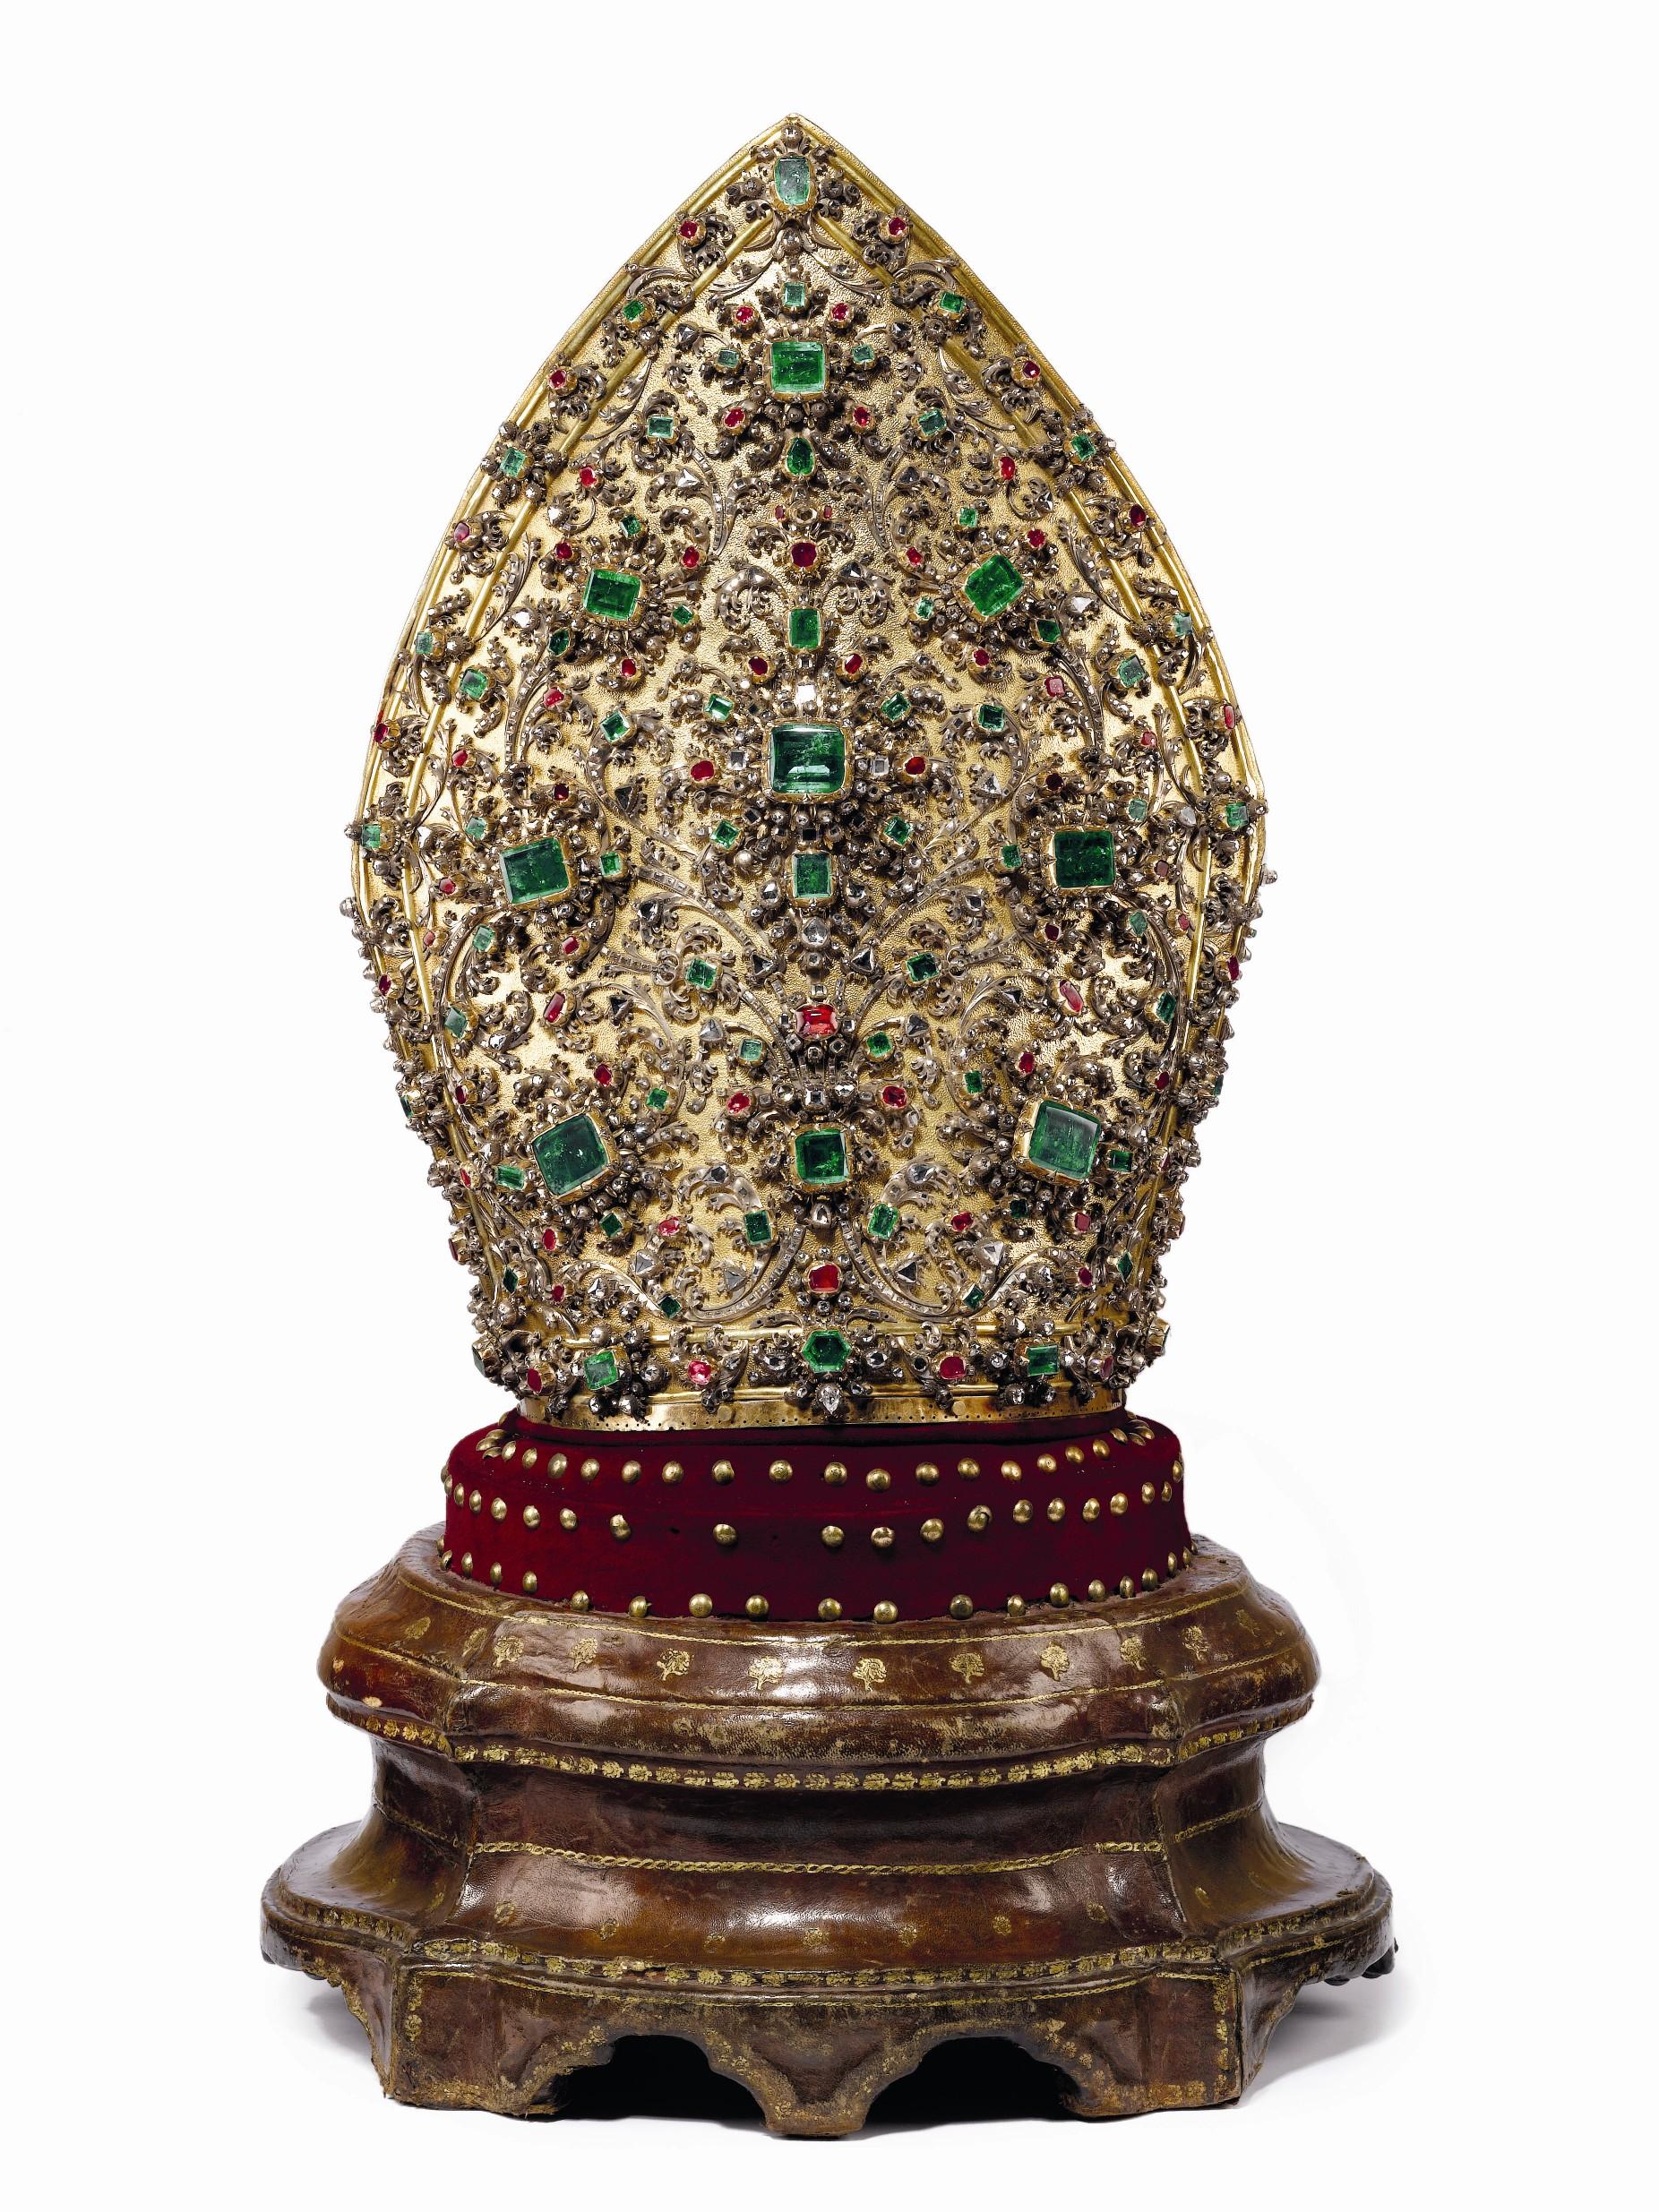 Matteo Treglia, Mitra,1713,, argento dorato, diamanti, rubini smeraldi e,granati,1852